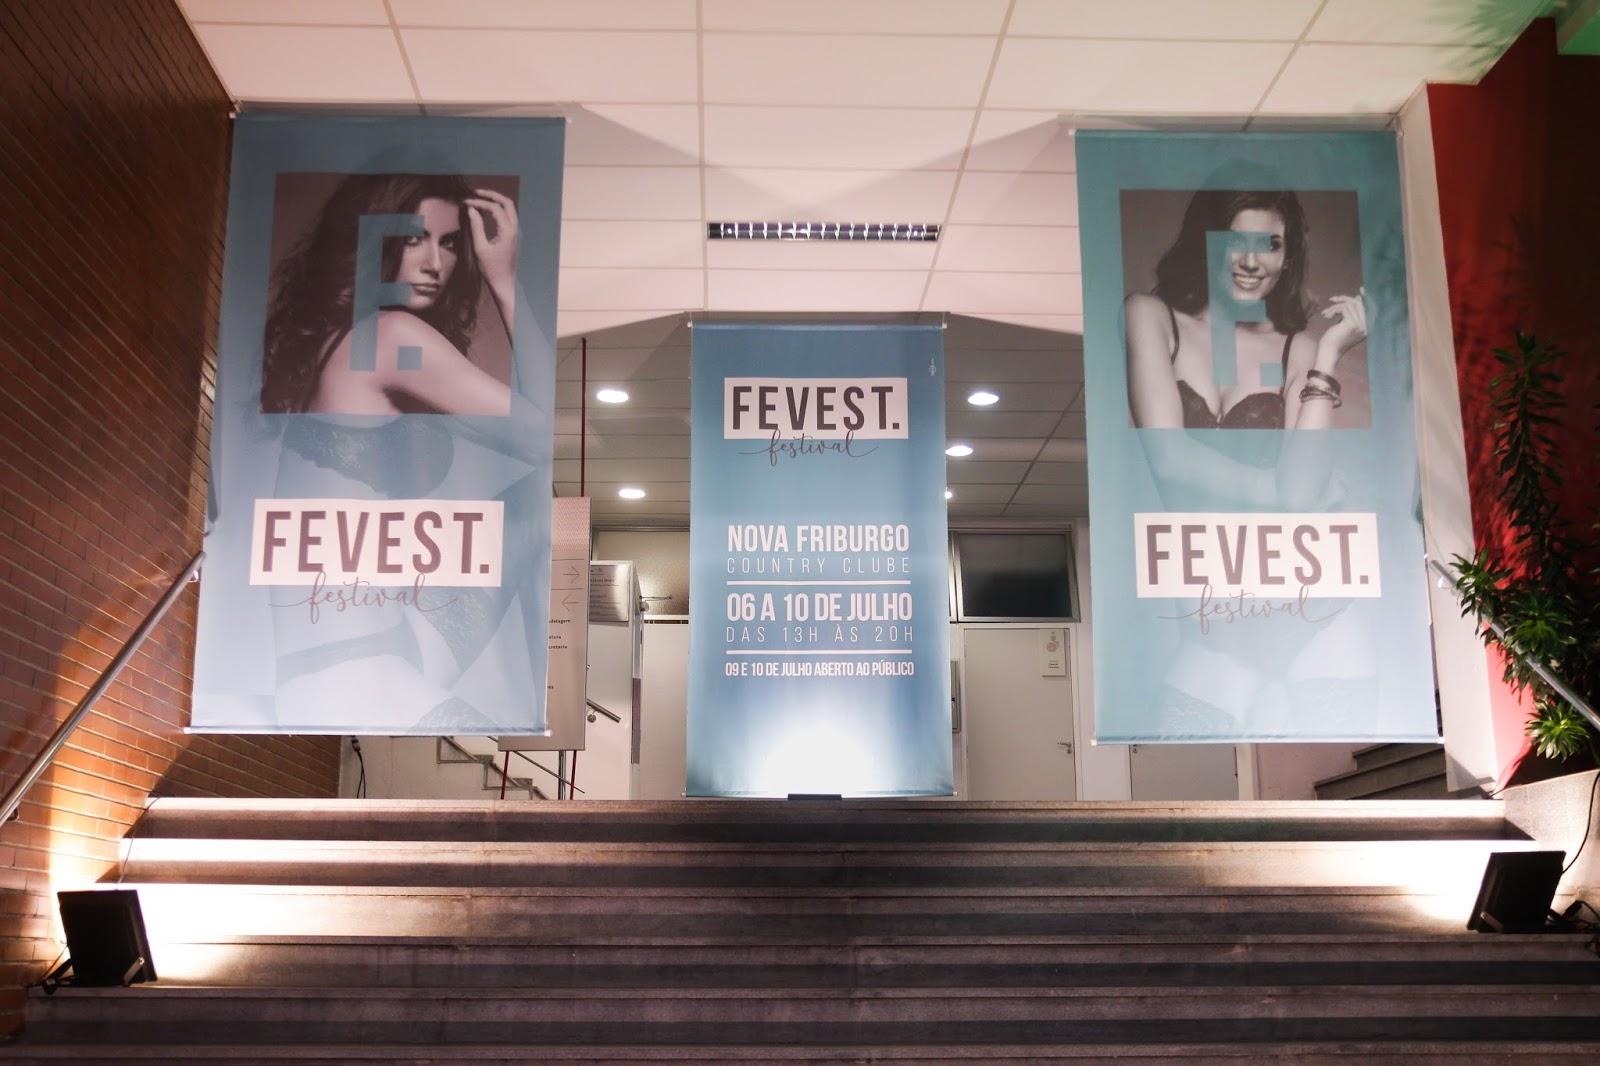 039734f63 A diretoria do Sindicato das Indústrias do Vestuário de Nova Friburgo e  Região lançou na noite de terça-feira